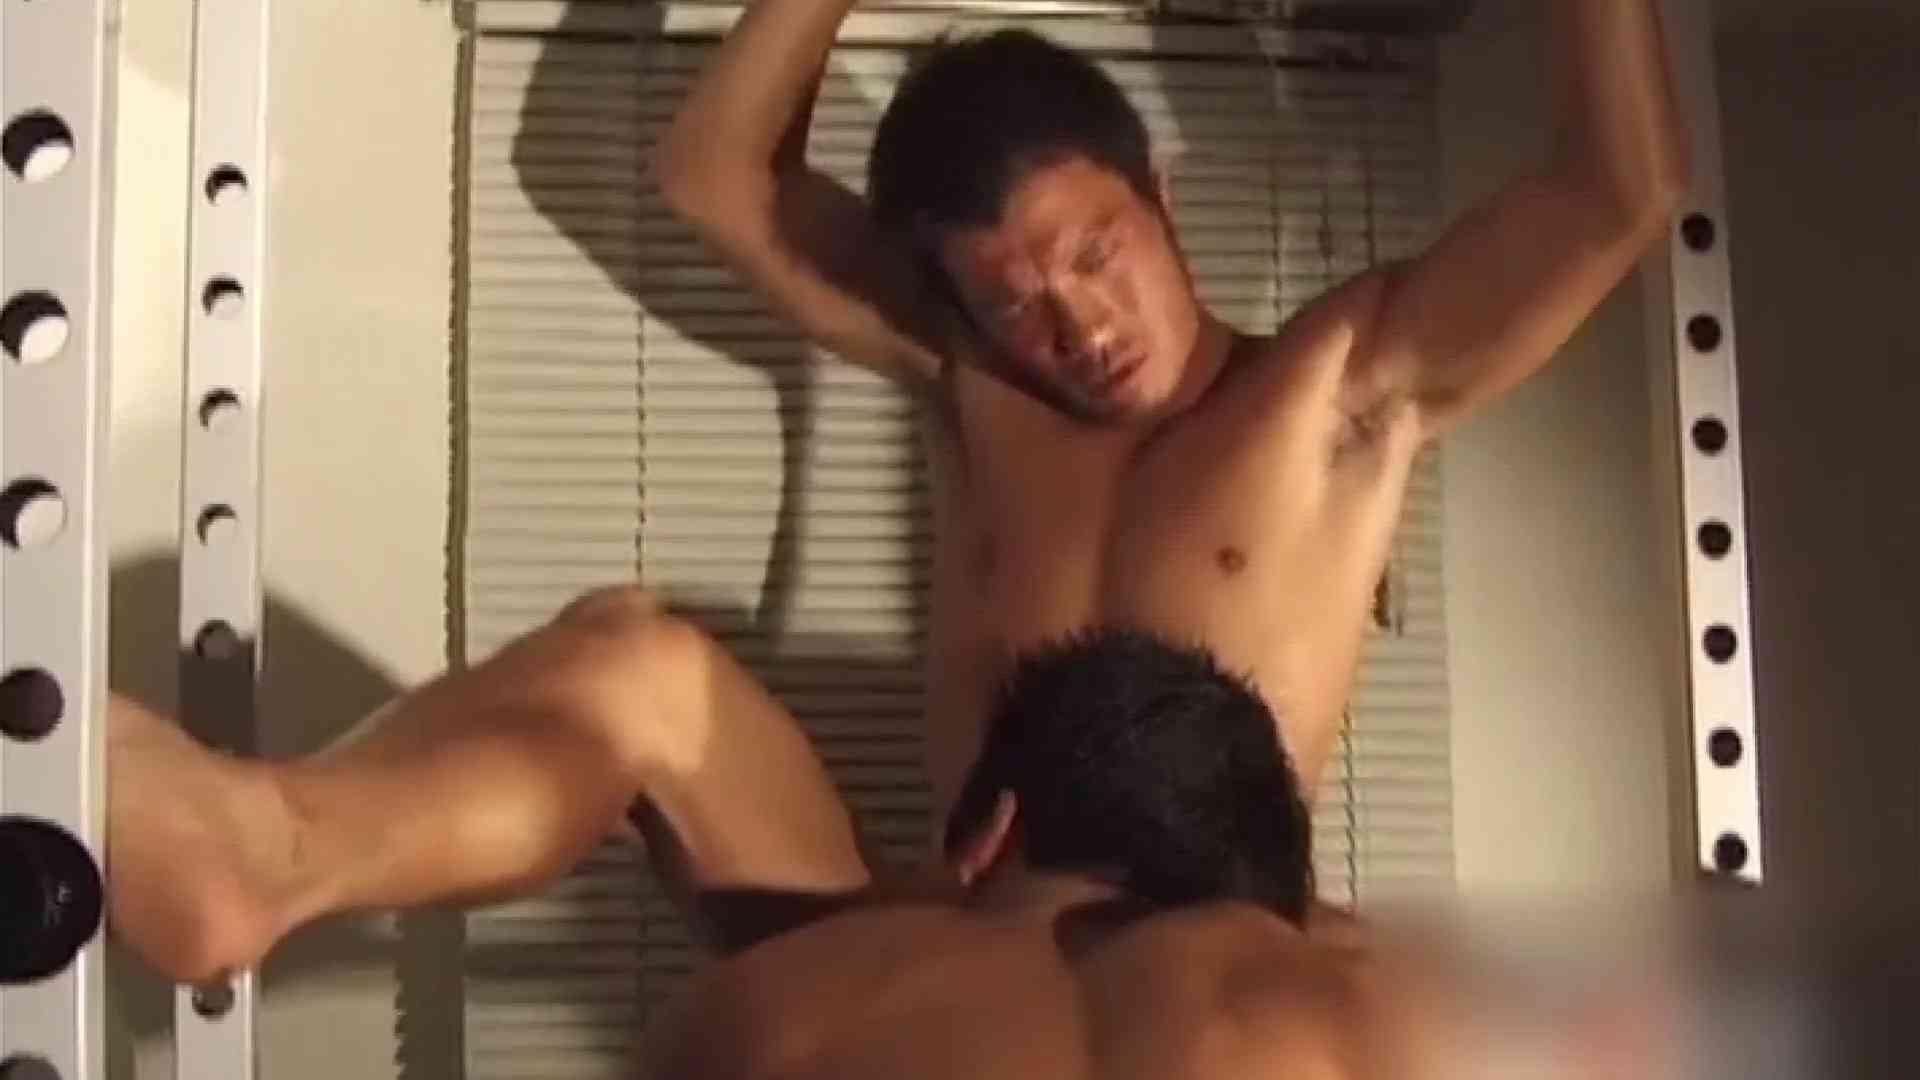 珍肉も筋肉の内!!vol.3 悶絶  78pic 6